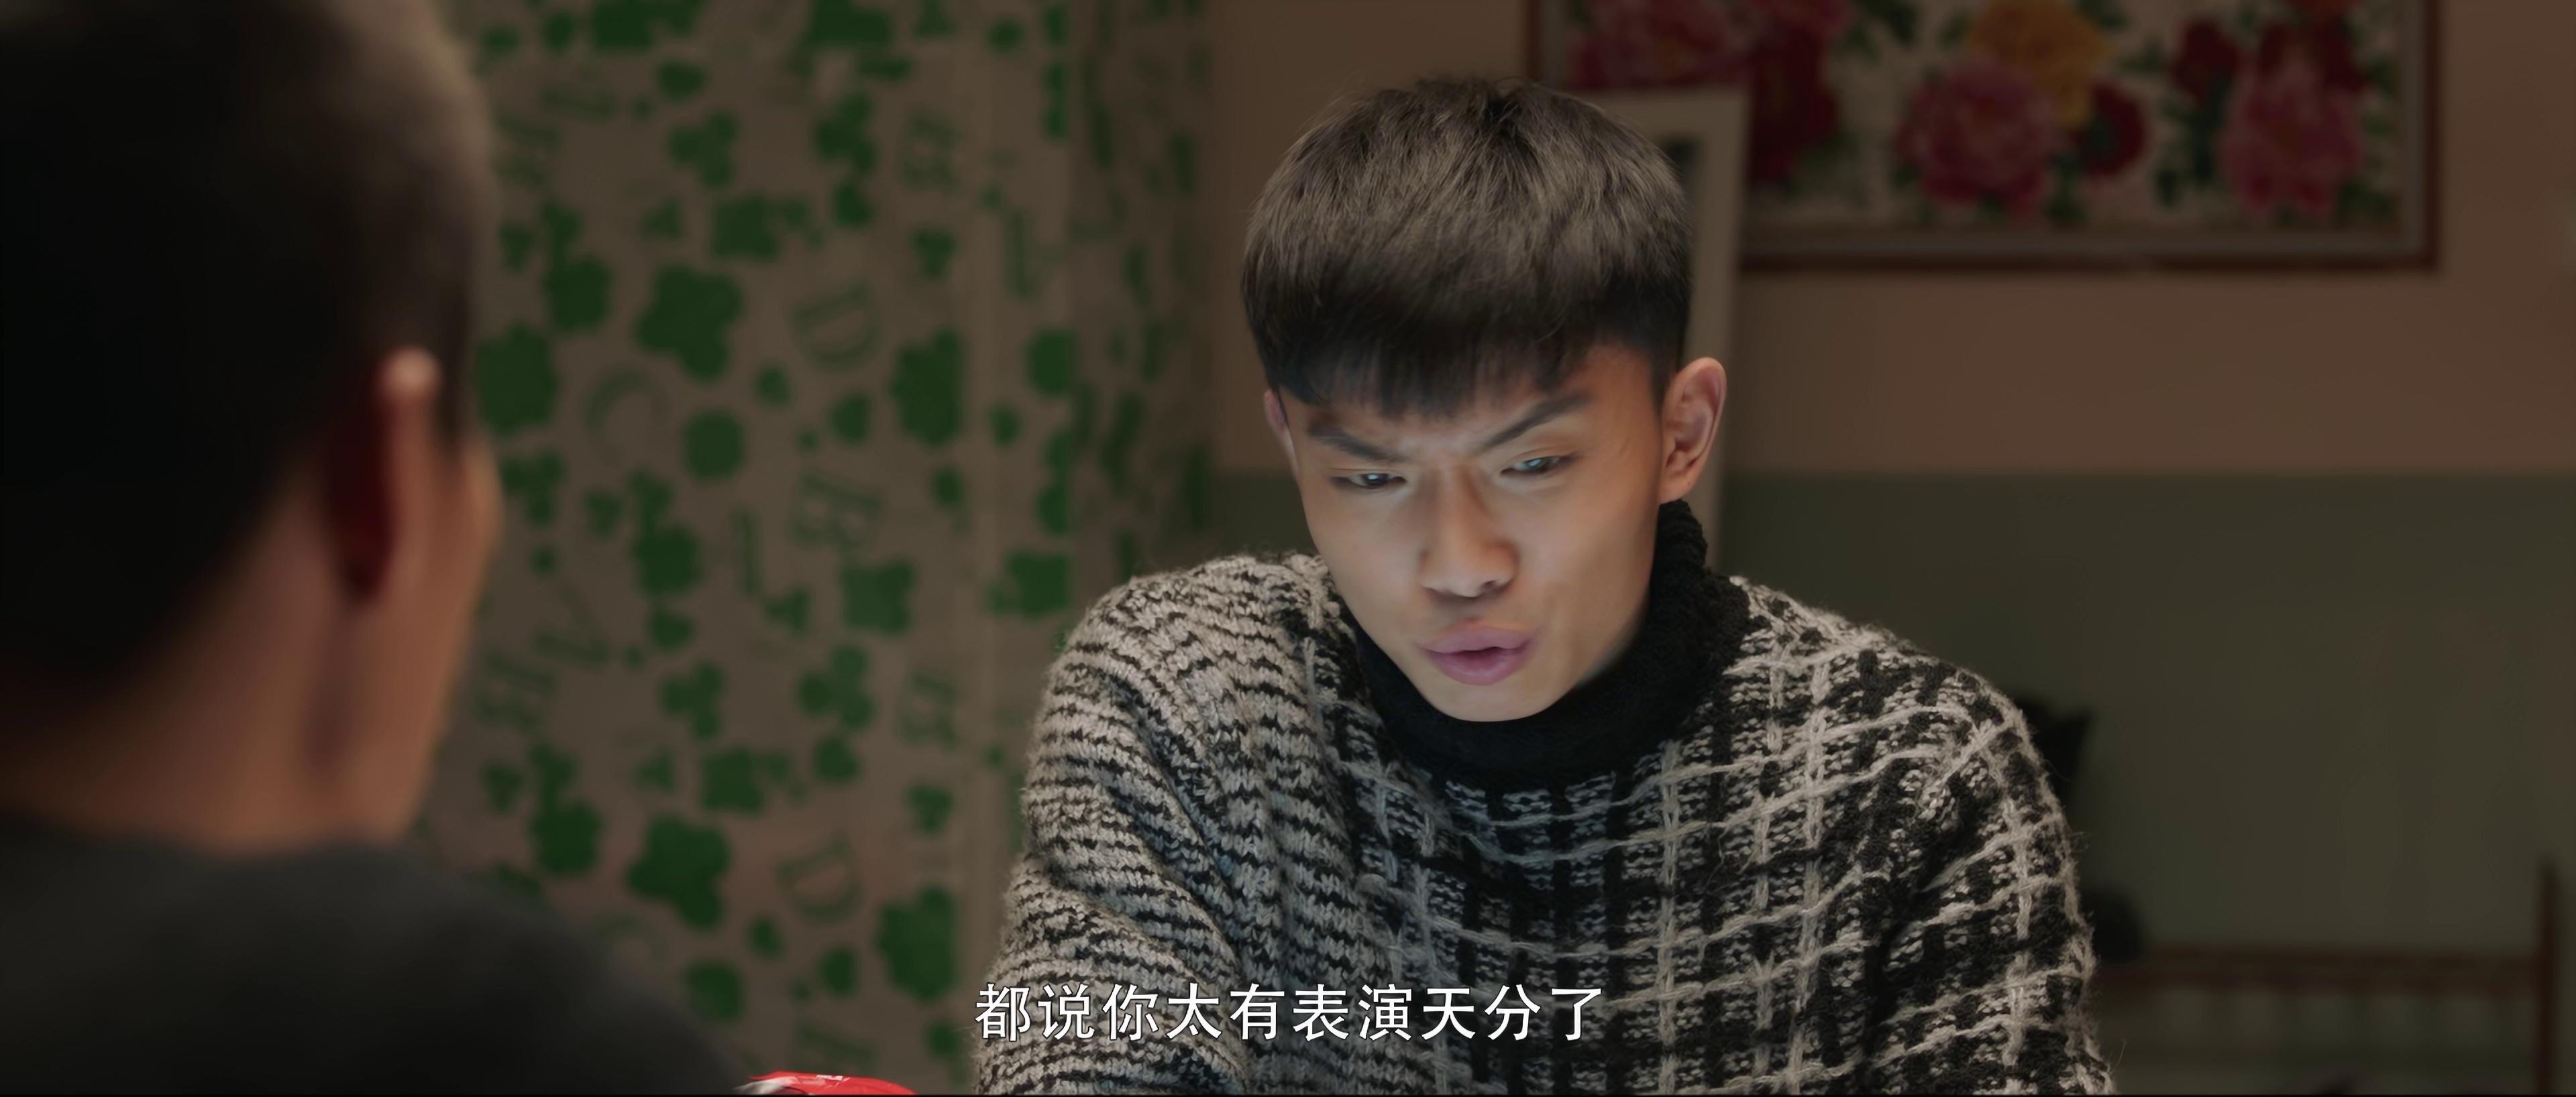 悠悠MP4_MP4电影下载_[我来自北京之铁锅炖大鹅][WEB-MKV/3.14GB][国语配音/中文字幕][4K-2160P][H265编码][精准扶贫,喜剧,扶贫攻坚,二人